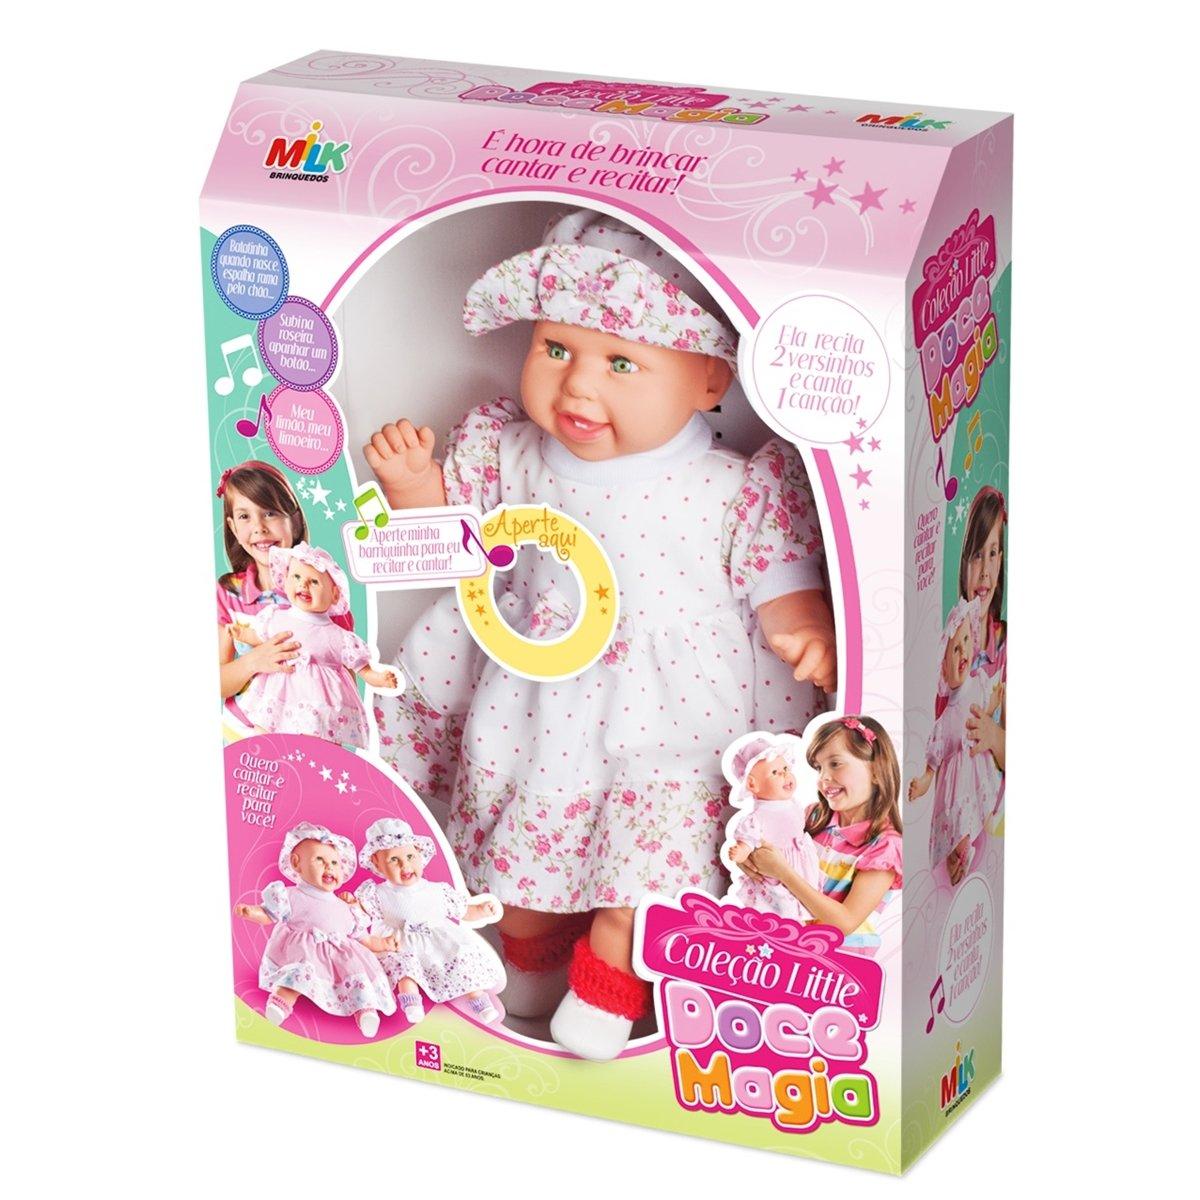 Boneca Infantil Little Doce Magia